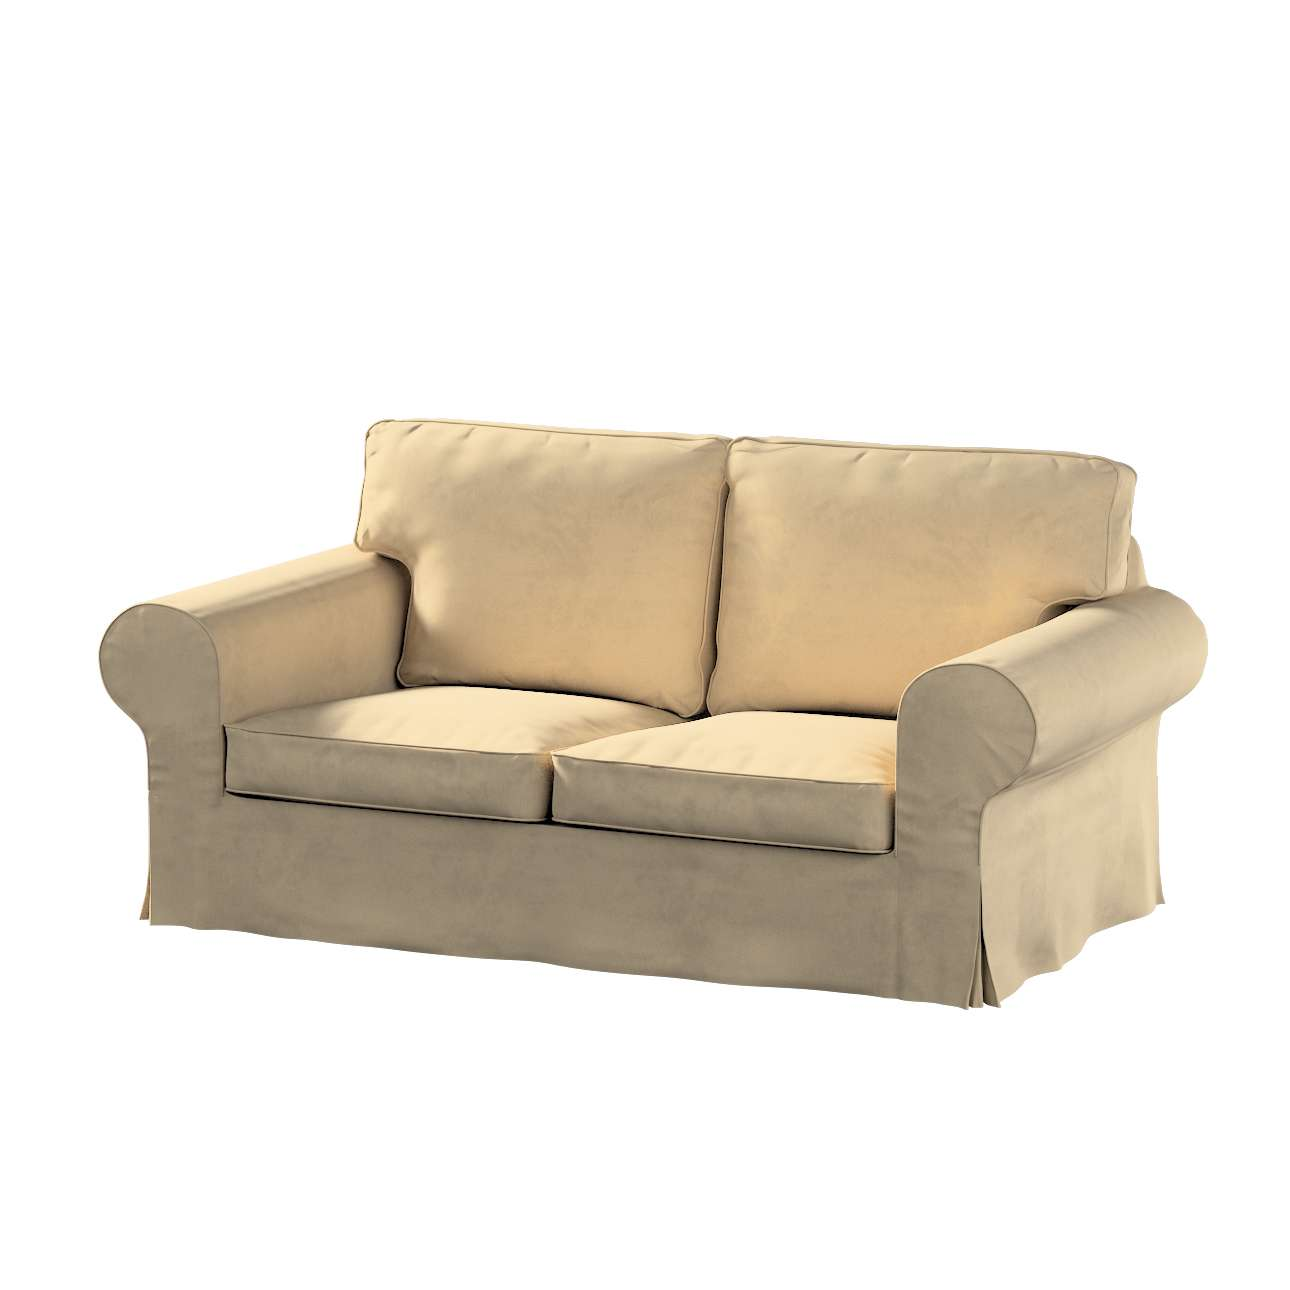 Bezug für Ektorp 2-Sitzer Schlafsofa NEUES Modell von der Kollektion Living II, Stoff: 160-82